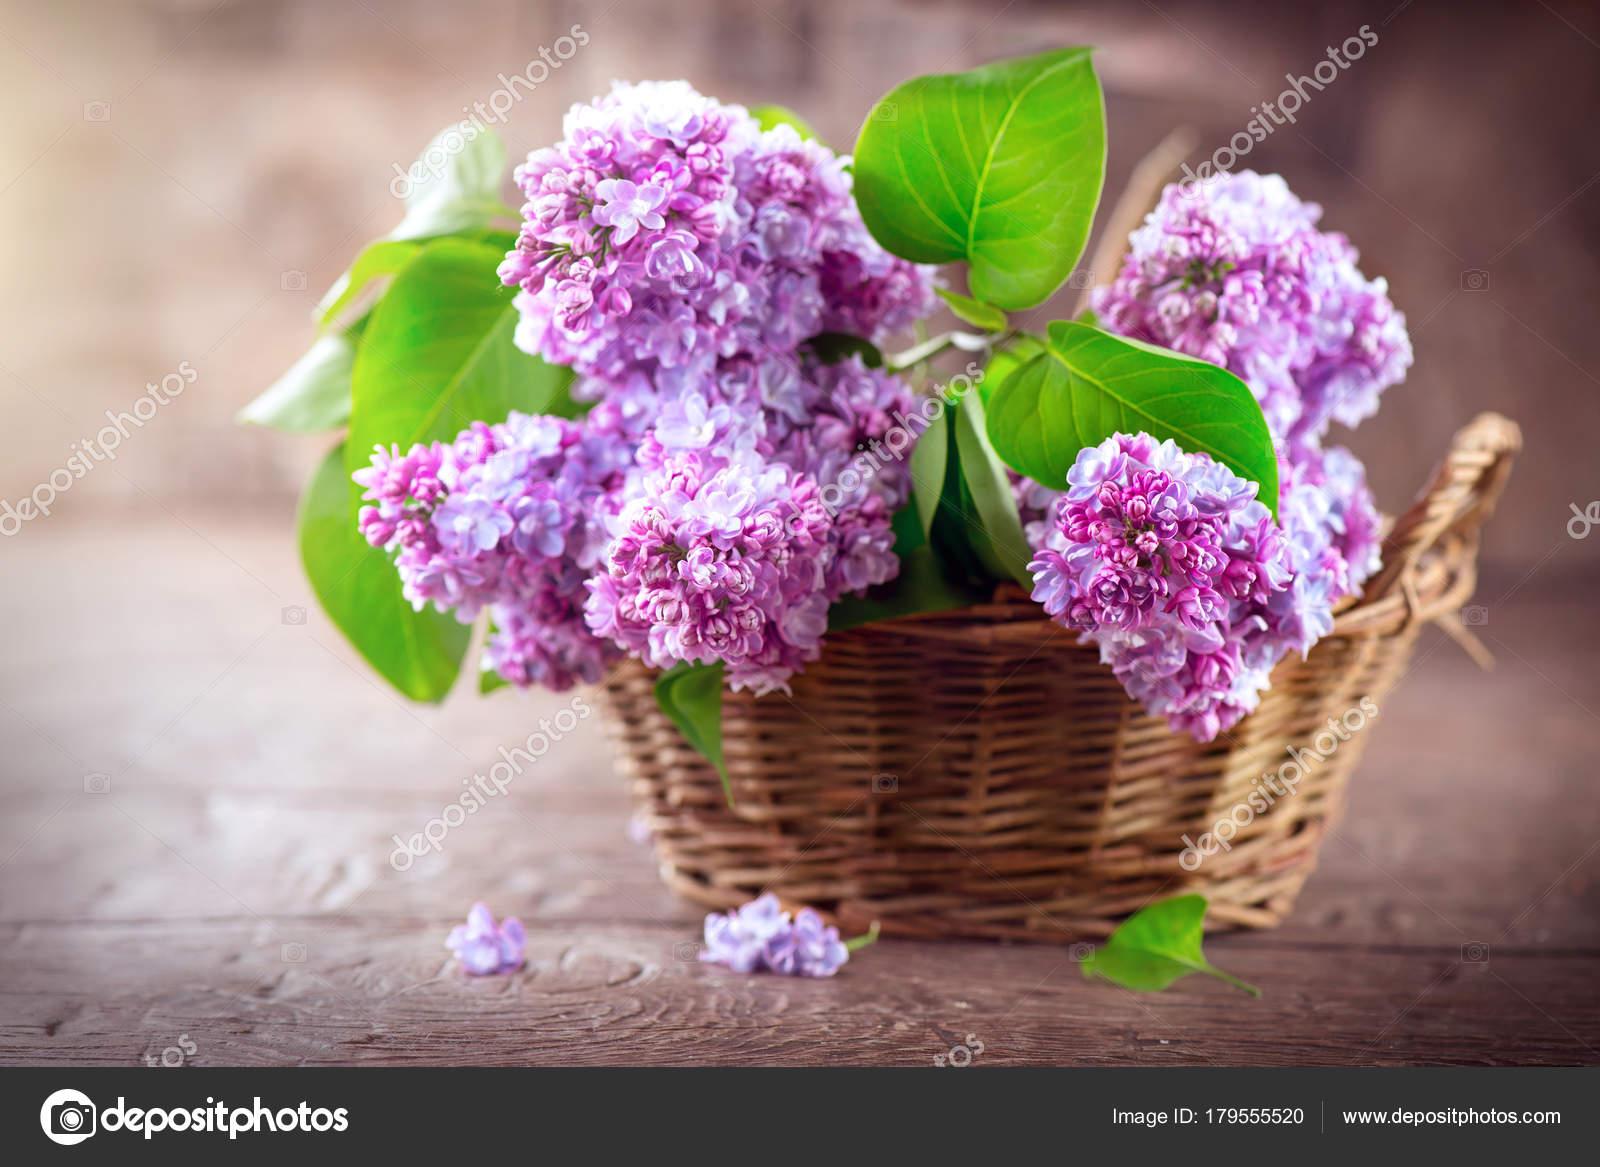 Flores Lilas Con Rosas Sobre Fondo: Manojo Flores Lilas Canasta Sobre Fondo Borroso